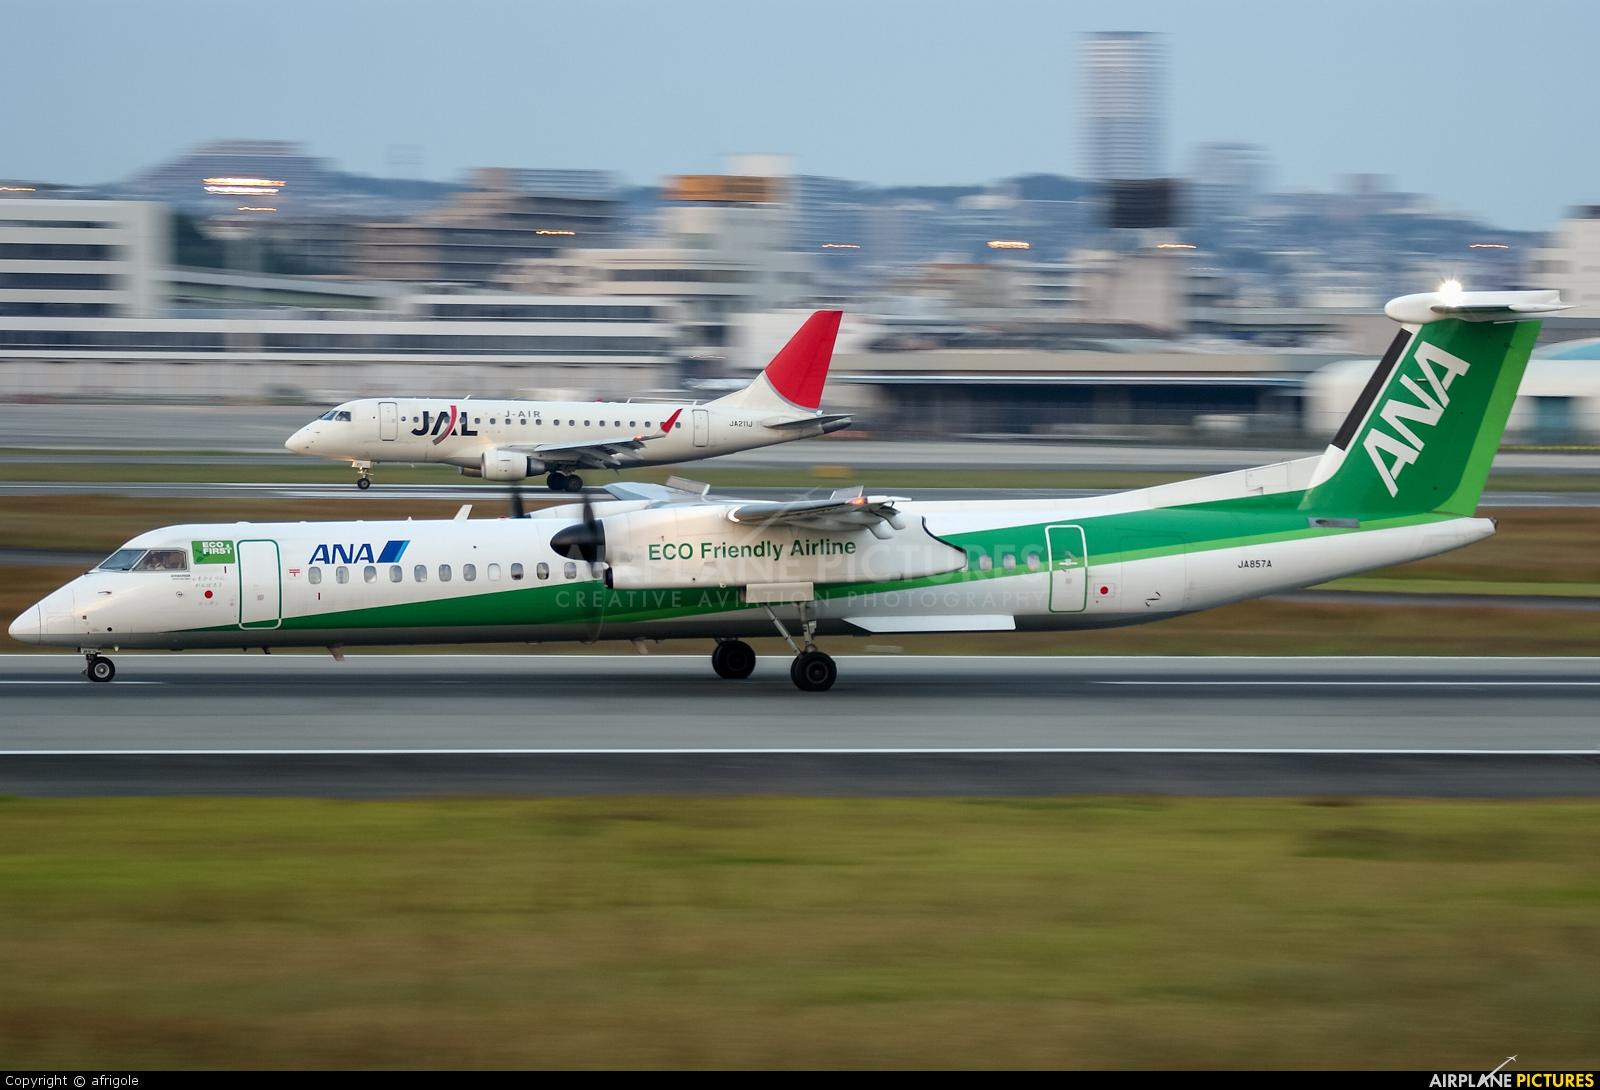 ANA - All Nippon Airways JA857A aircraft at Osaka - Itami Intl